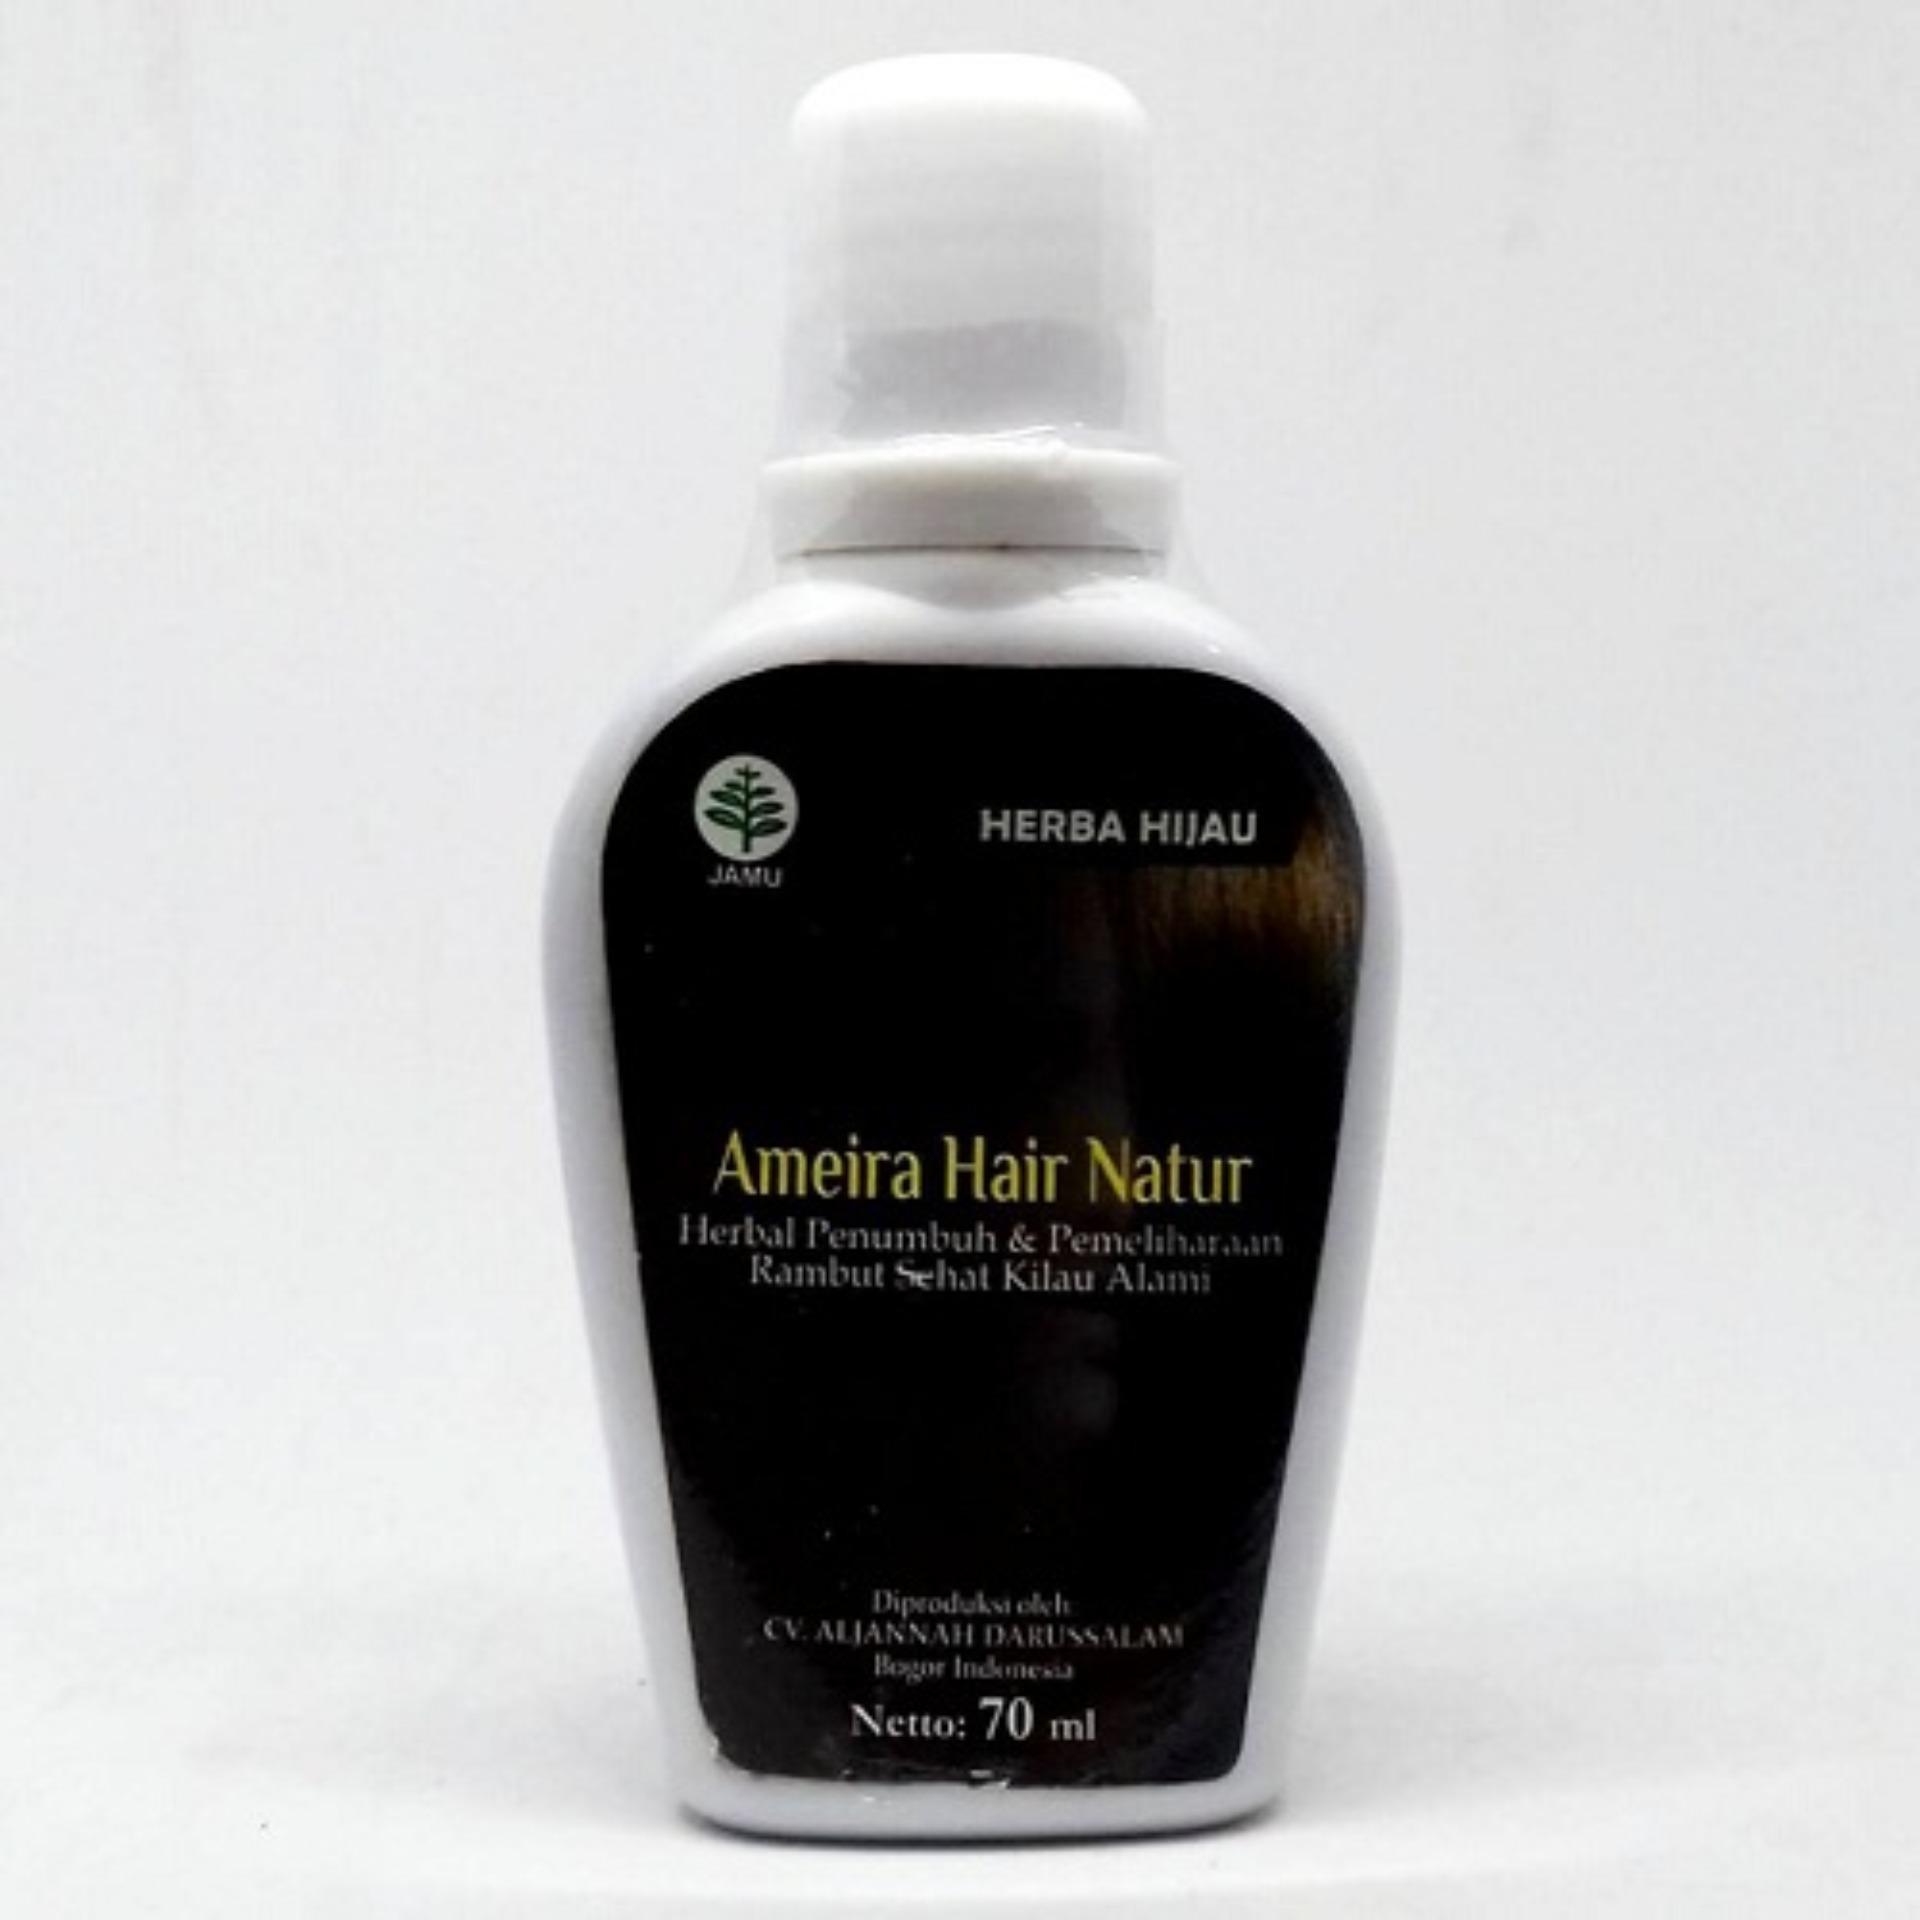 Ameira Hair Natur Menguatkan Akar Rambut , Menghambat Uban & Ketombe